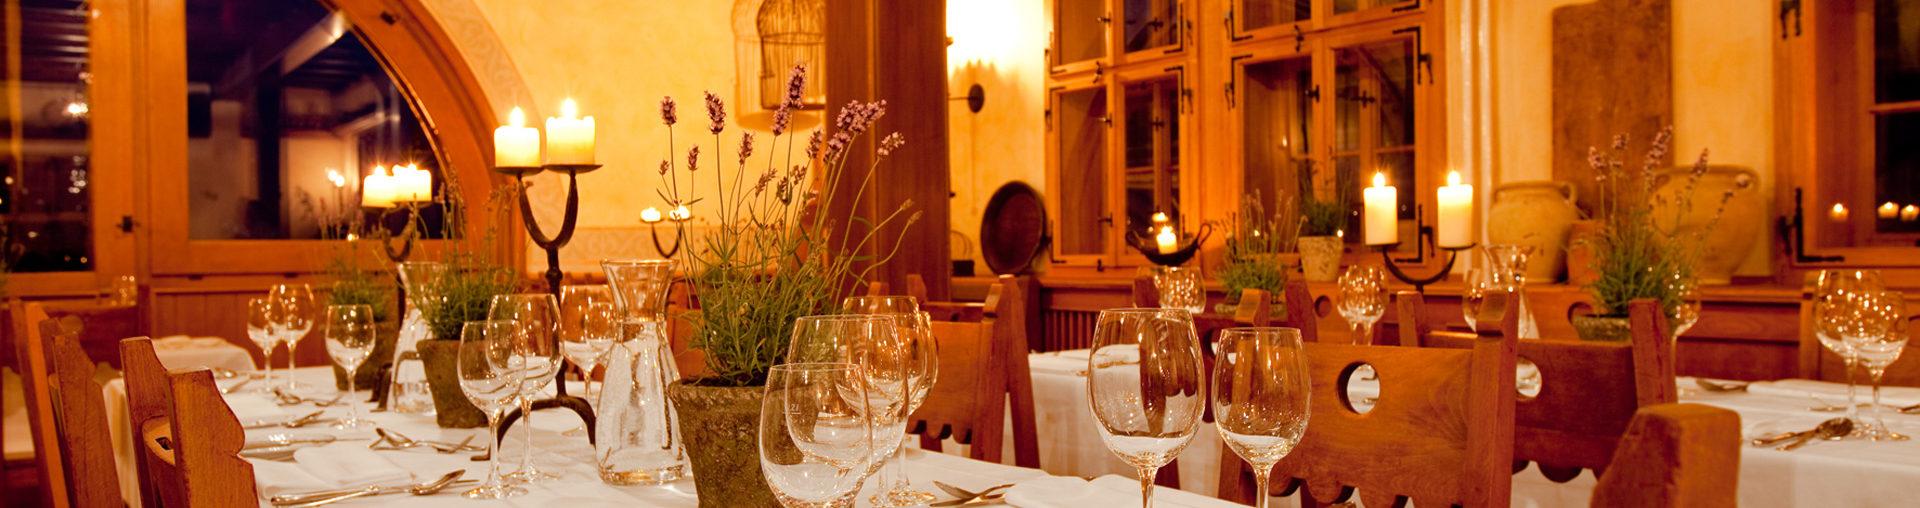 Weihnachtsfeiern Romantikhotel Auf Der Wartburg Burgcafe